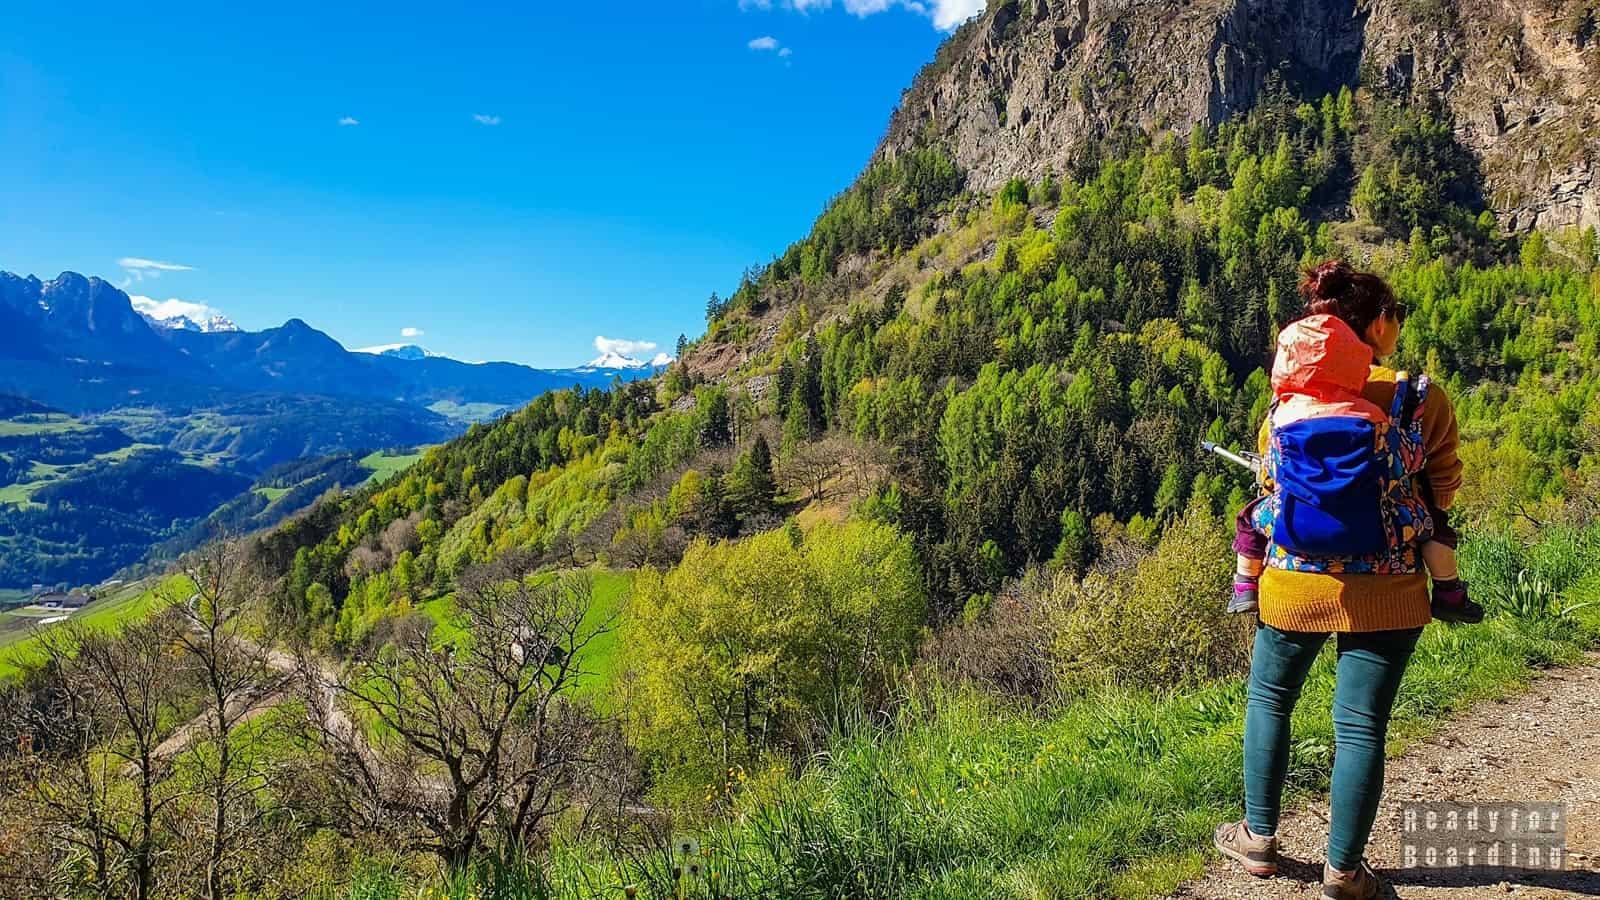 Południowy Tyrol: Bolzano i okolice (galeria zdjęć)